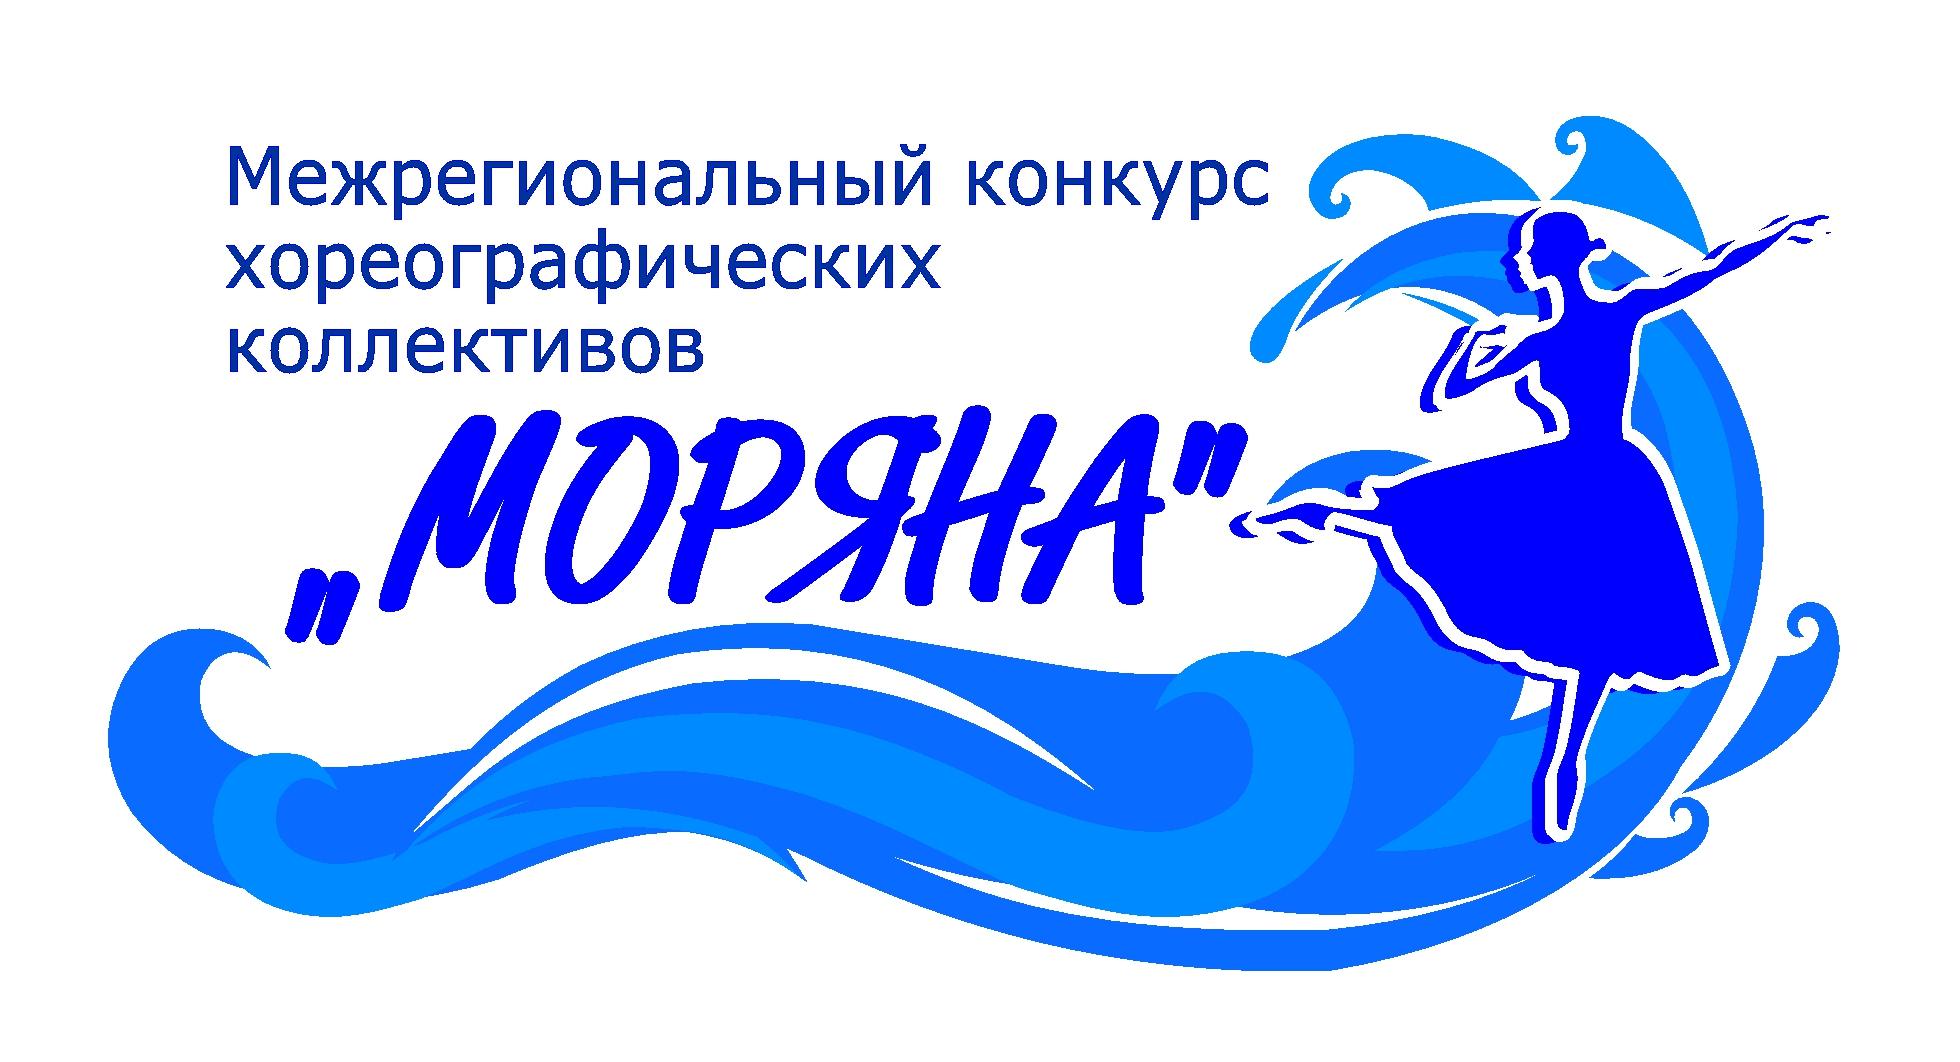 Начался прием заявок на межрегиональный конкурс хореографических коллективов «Моряна»